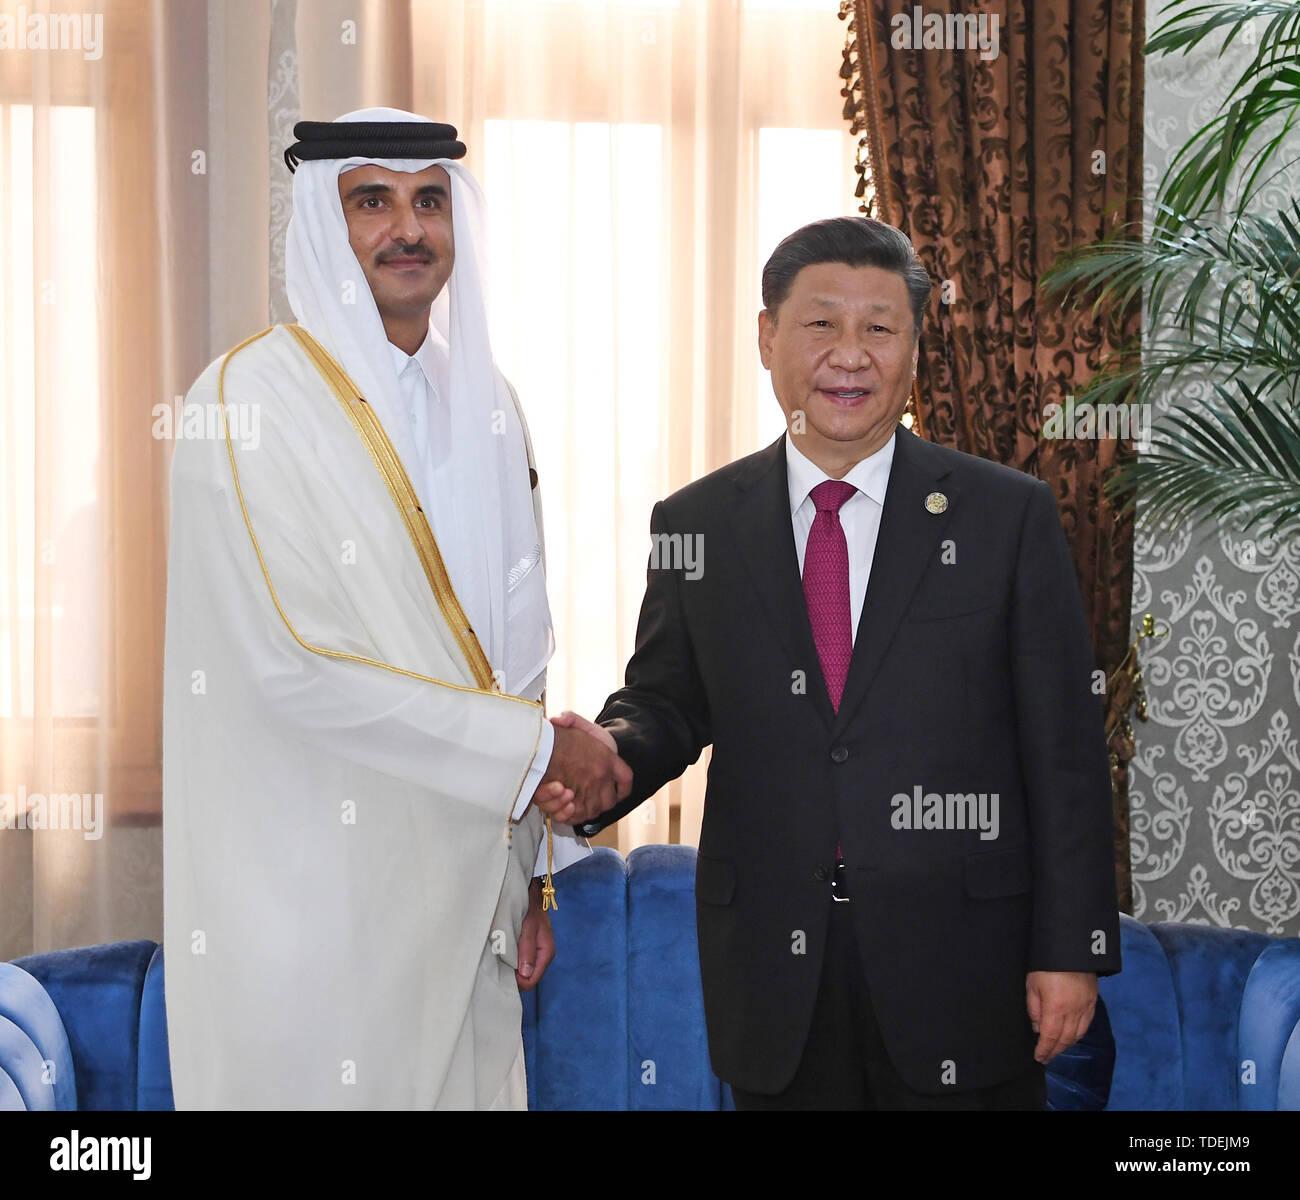 (190615) -- DUSHANBE, June 15, 2019 (Xinhua) -- Chinese President Xi Jinping (R) meets with Qatari Emir Sheikh Tamim Bin Hamad Al-Thani in Dushanbe, Tajikistan, June 15, 2019. (Xinhua/Zhang Ling) - Stock Image